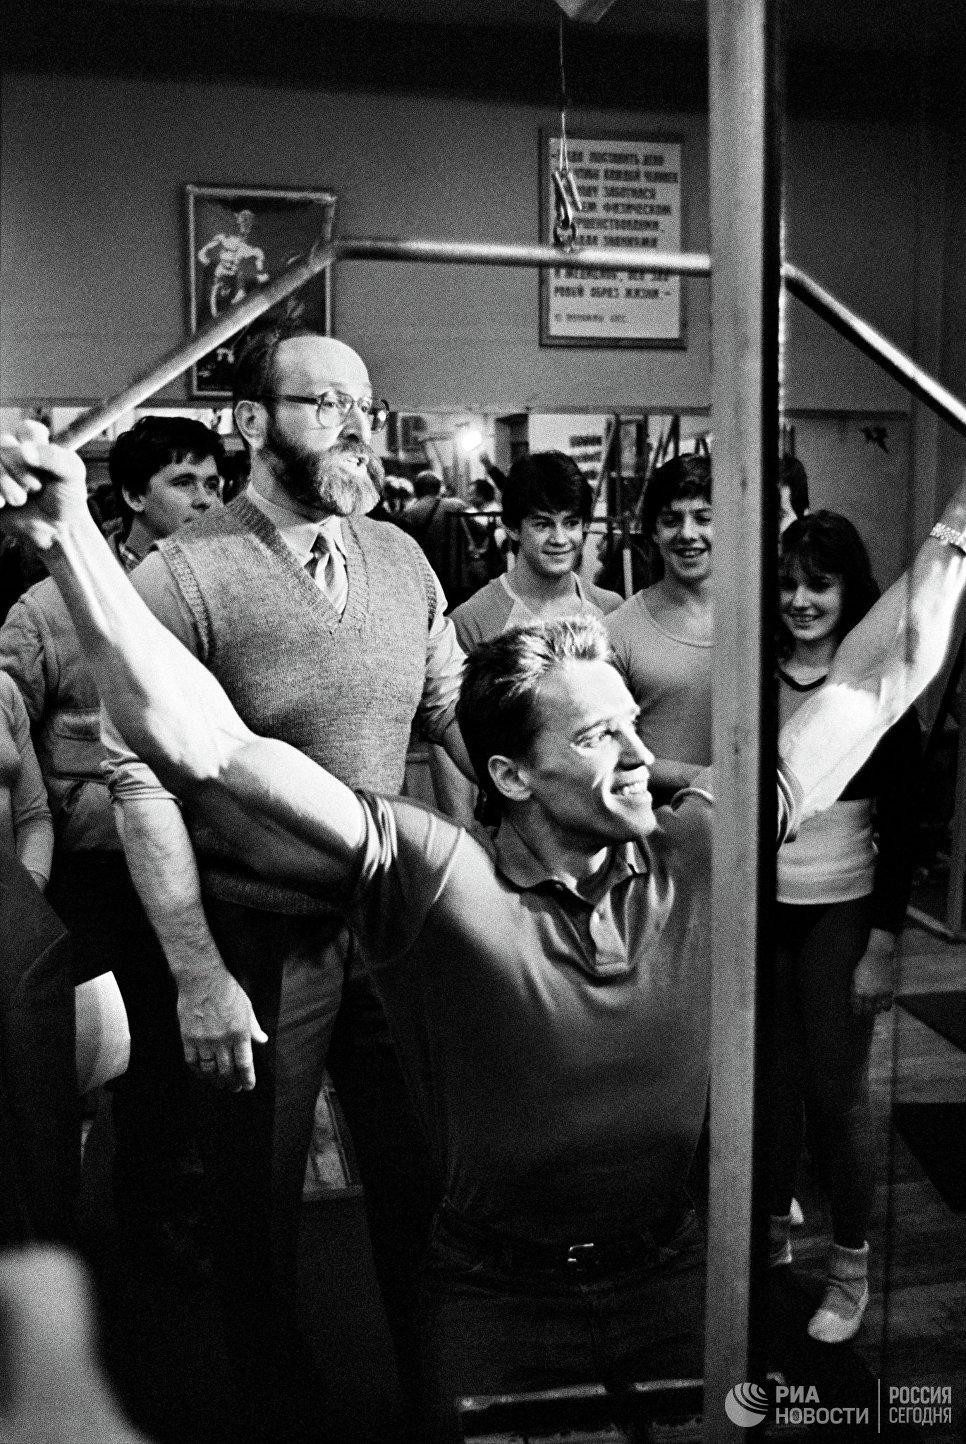 Տերմինատորից մինչև նահանգապետ. Առնոլդ Շվարցենեգերը նշում է ծննդյան 70-ամյակը (լուսանկարներ)